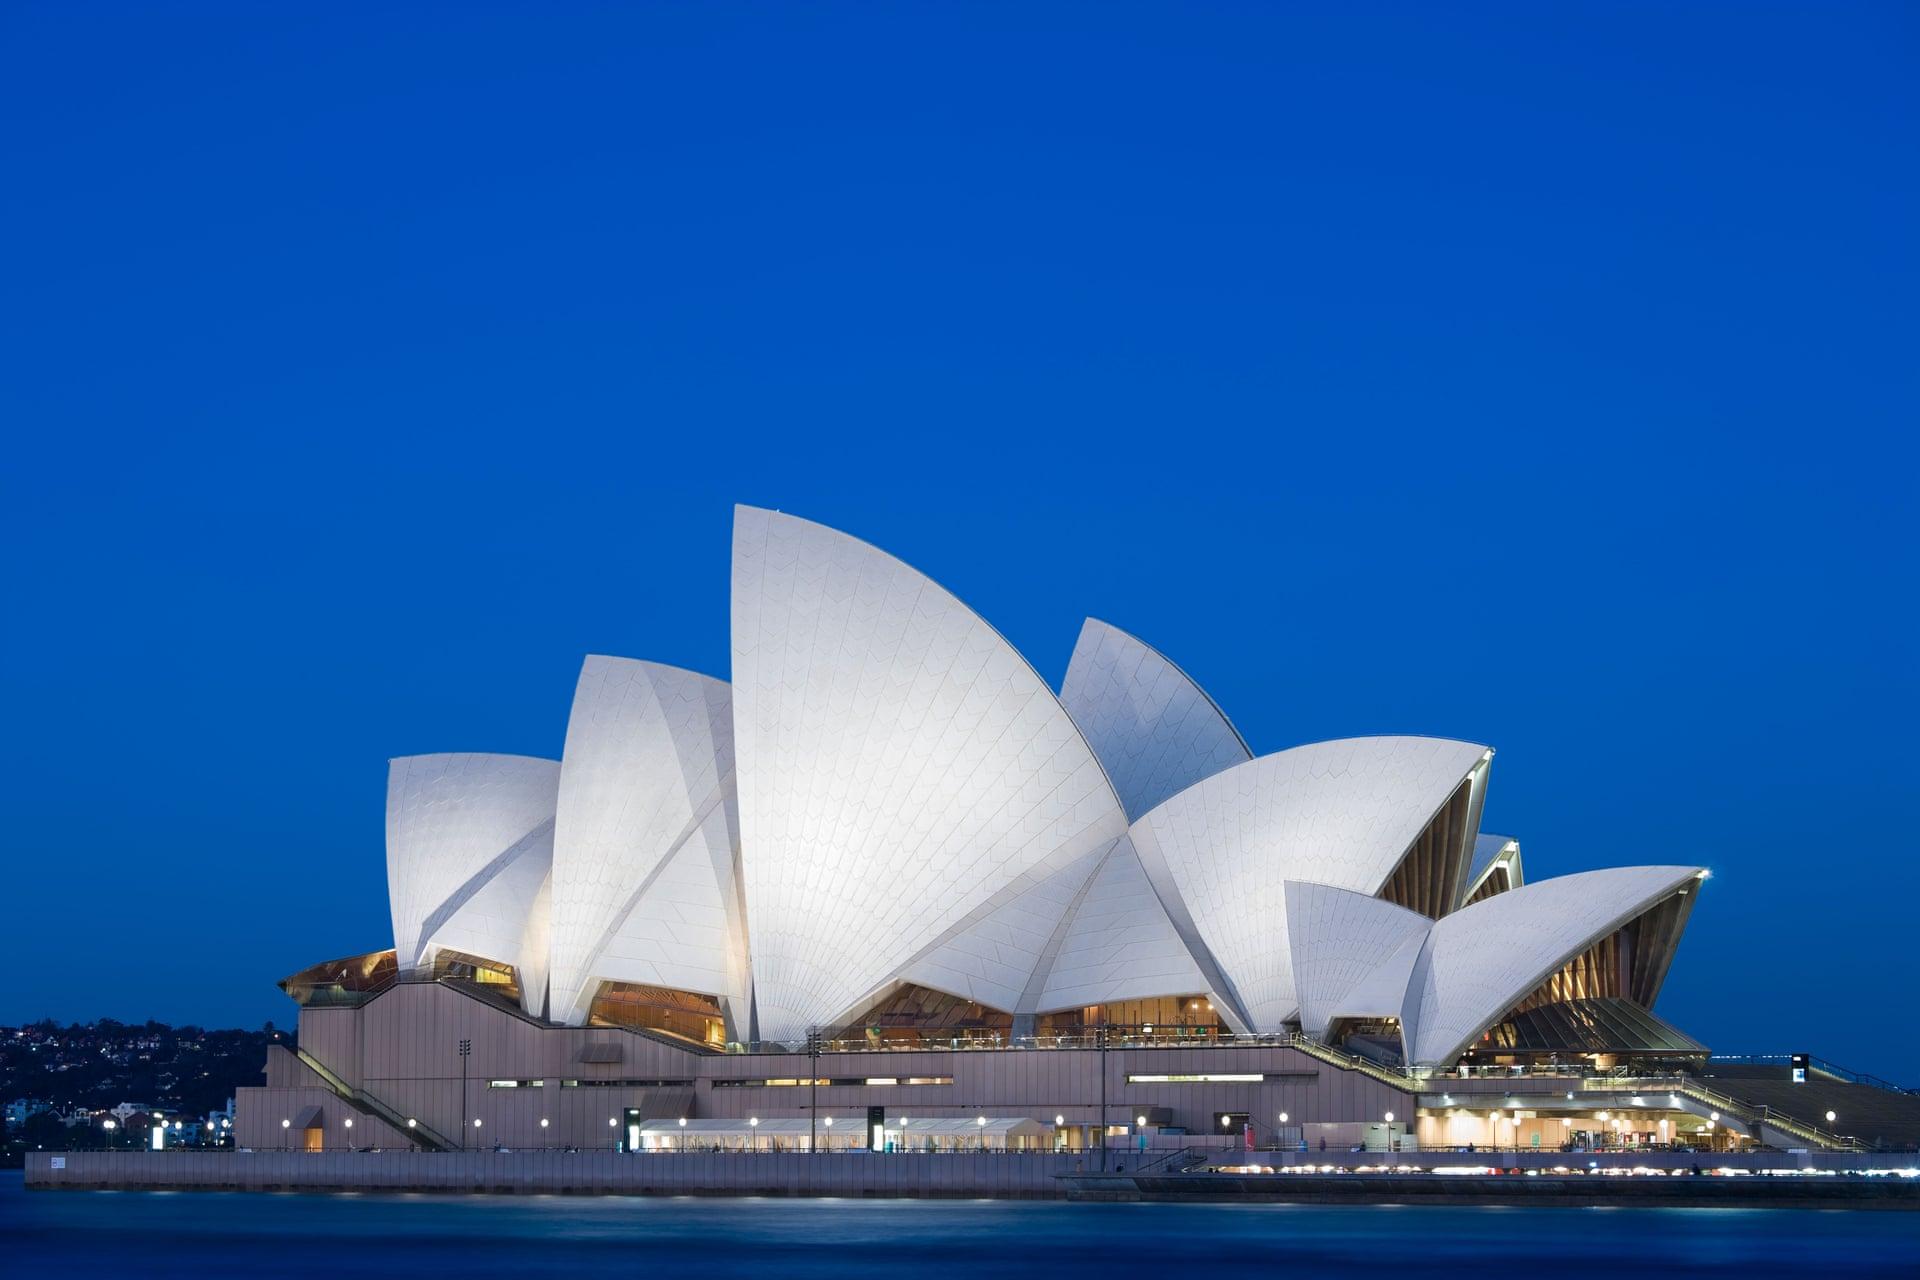 从灵光一现到澳洲地标:悉尼歌剧院是怎样建成的